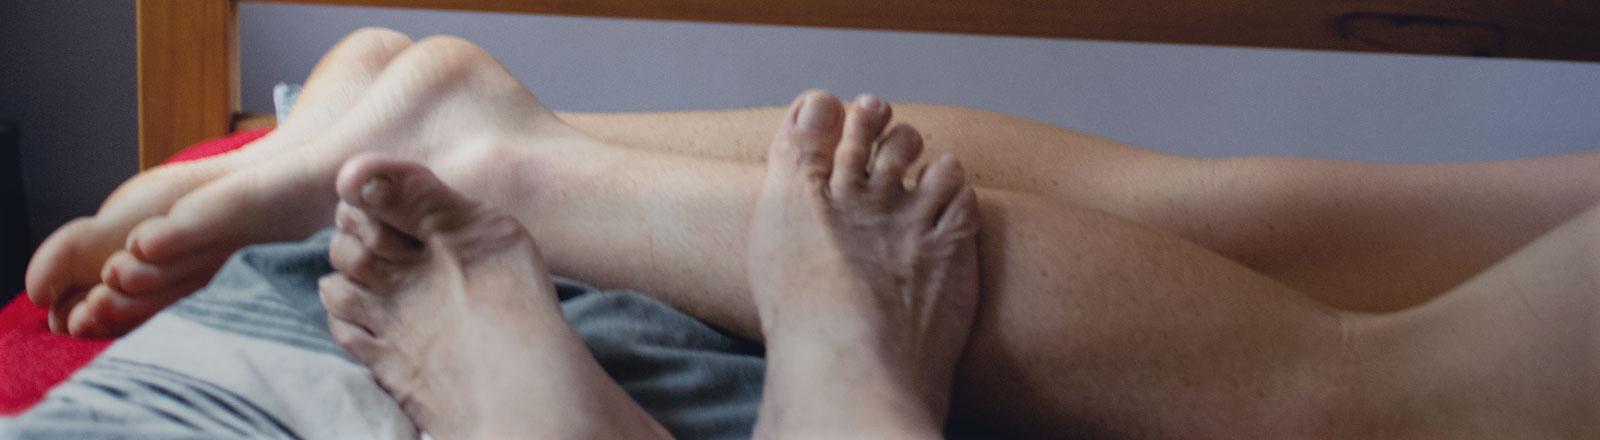 Füße in einem Bett.